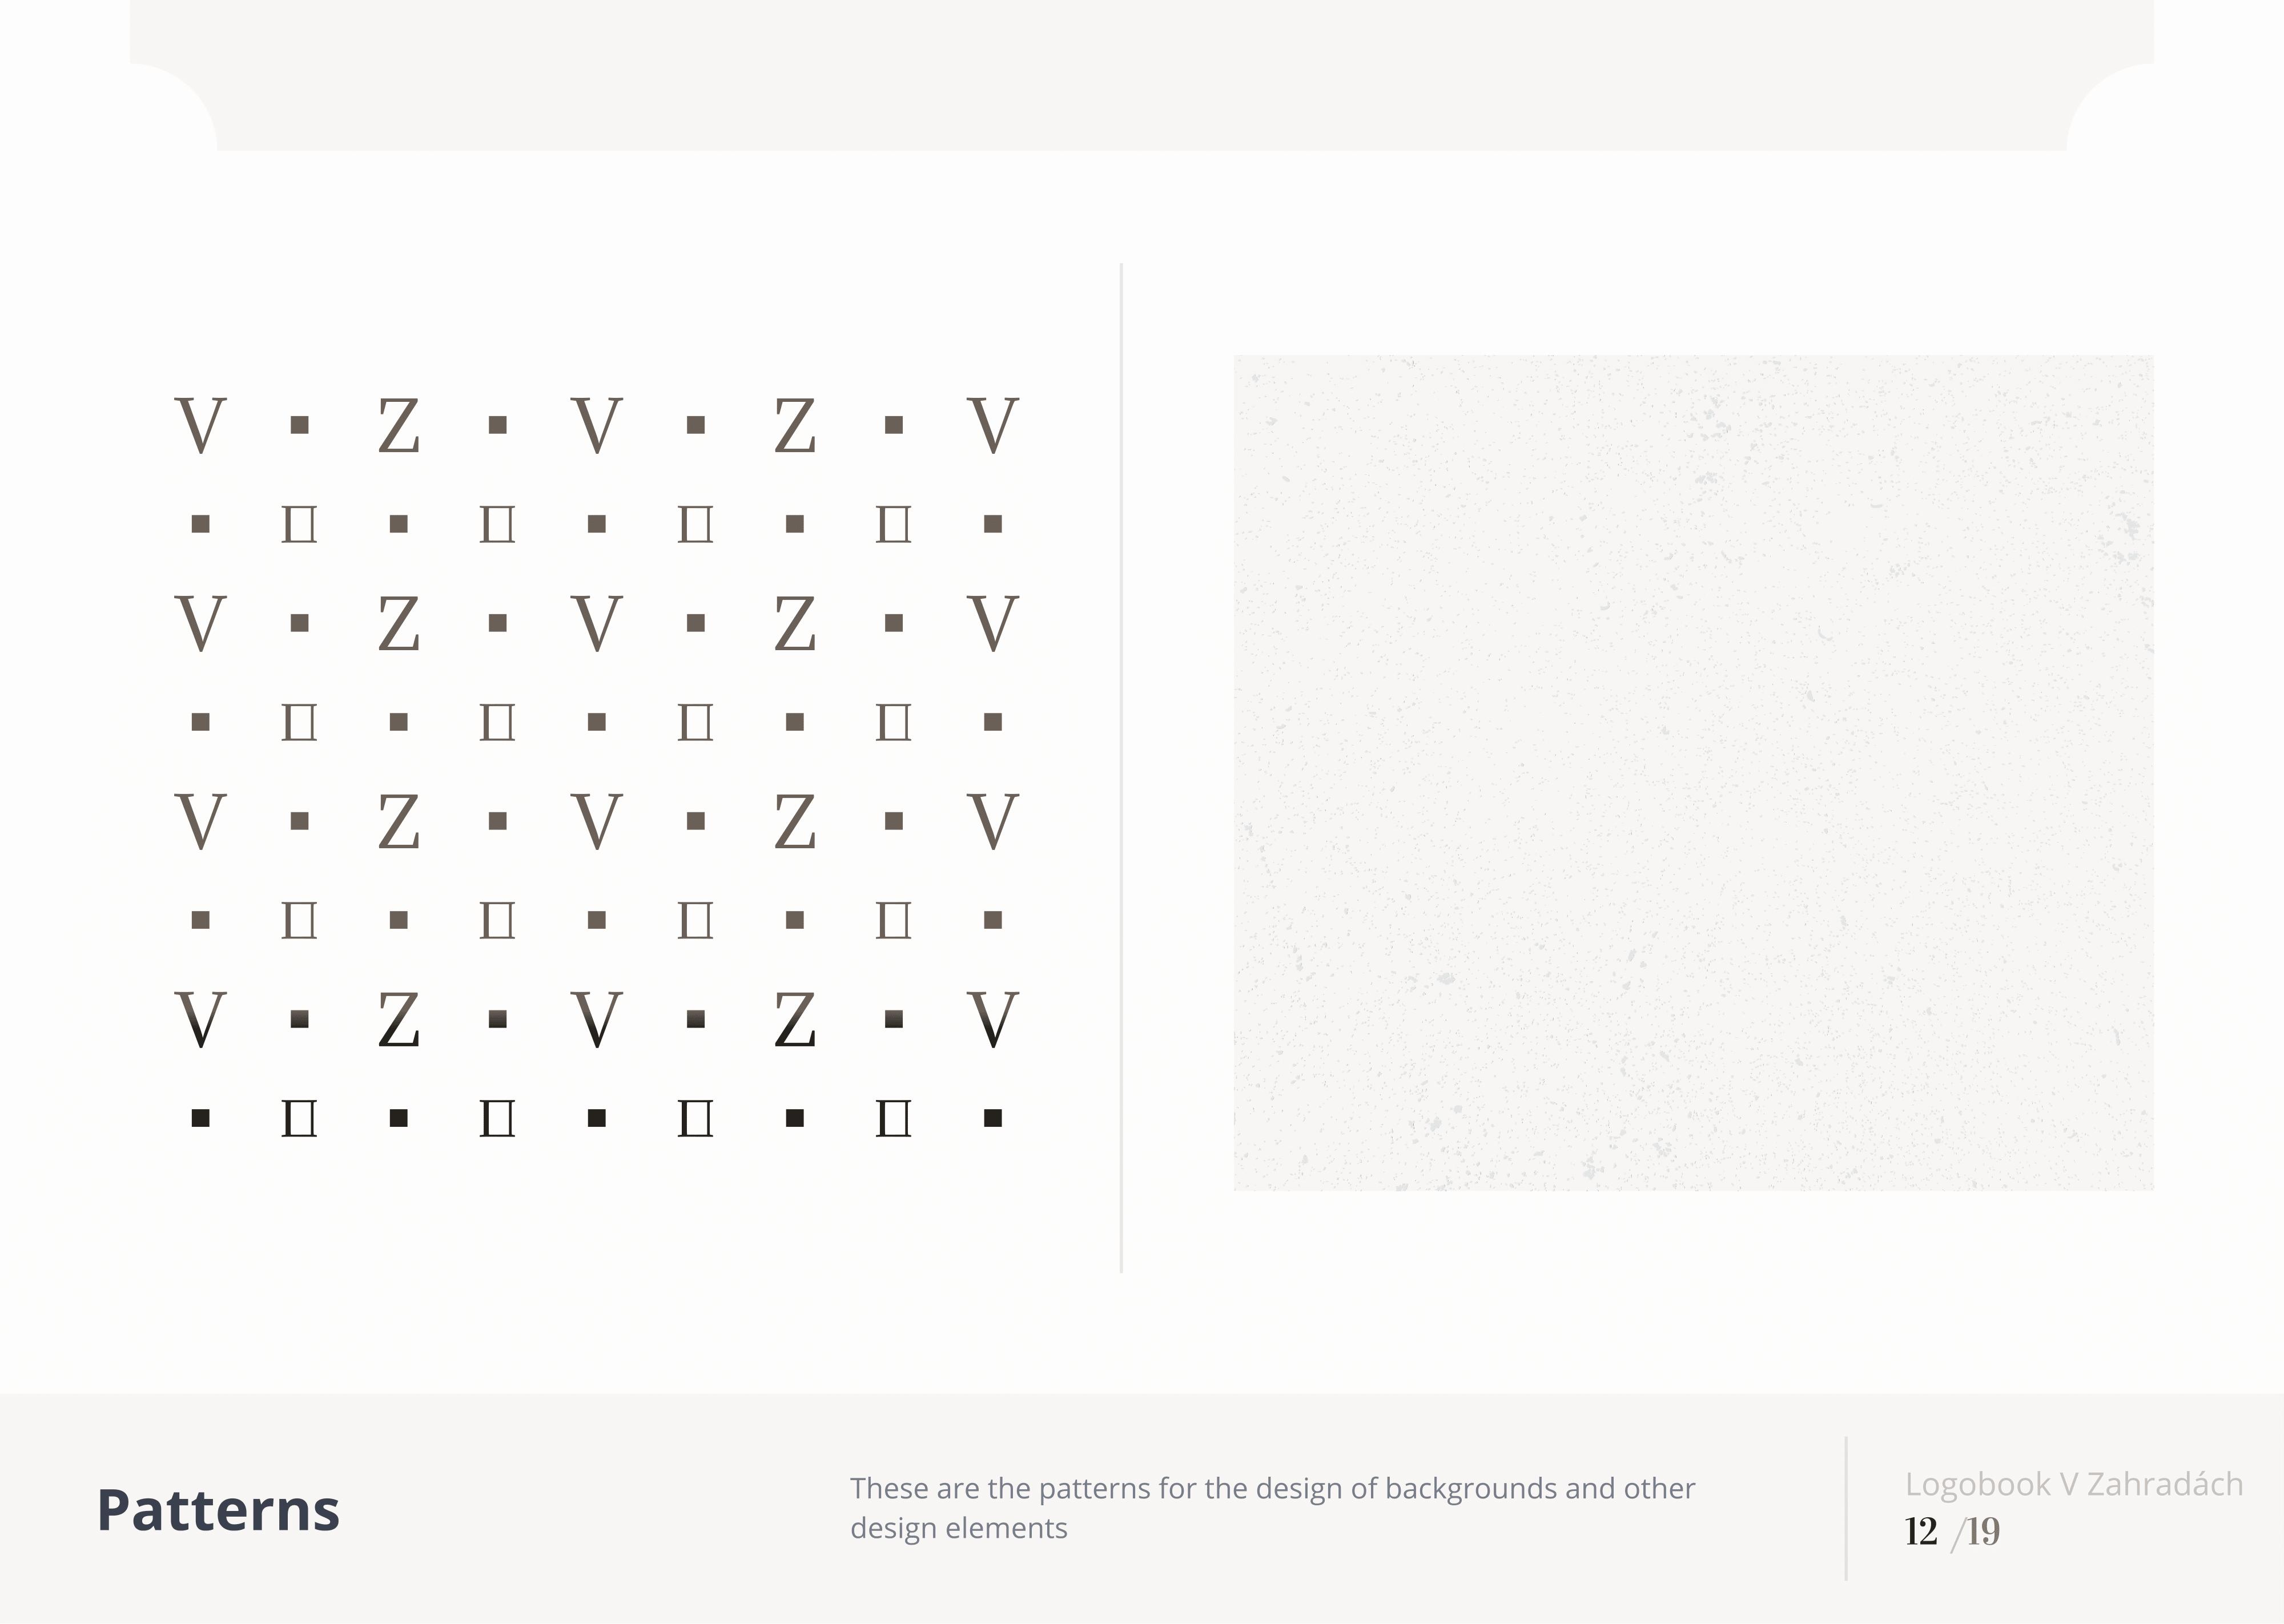 V_Zahradach_19_(Logobook)_2021-12